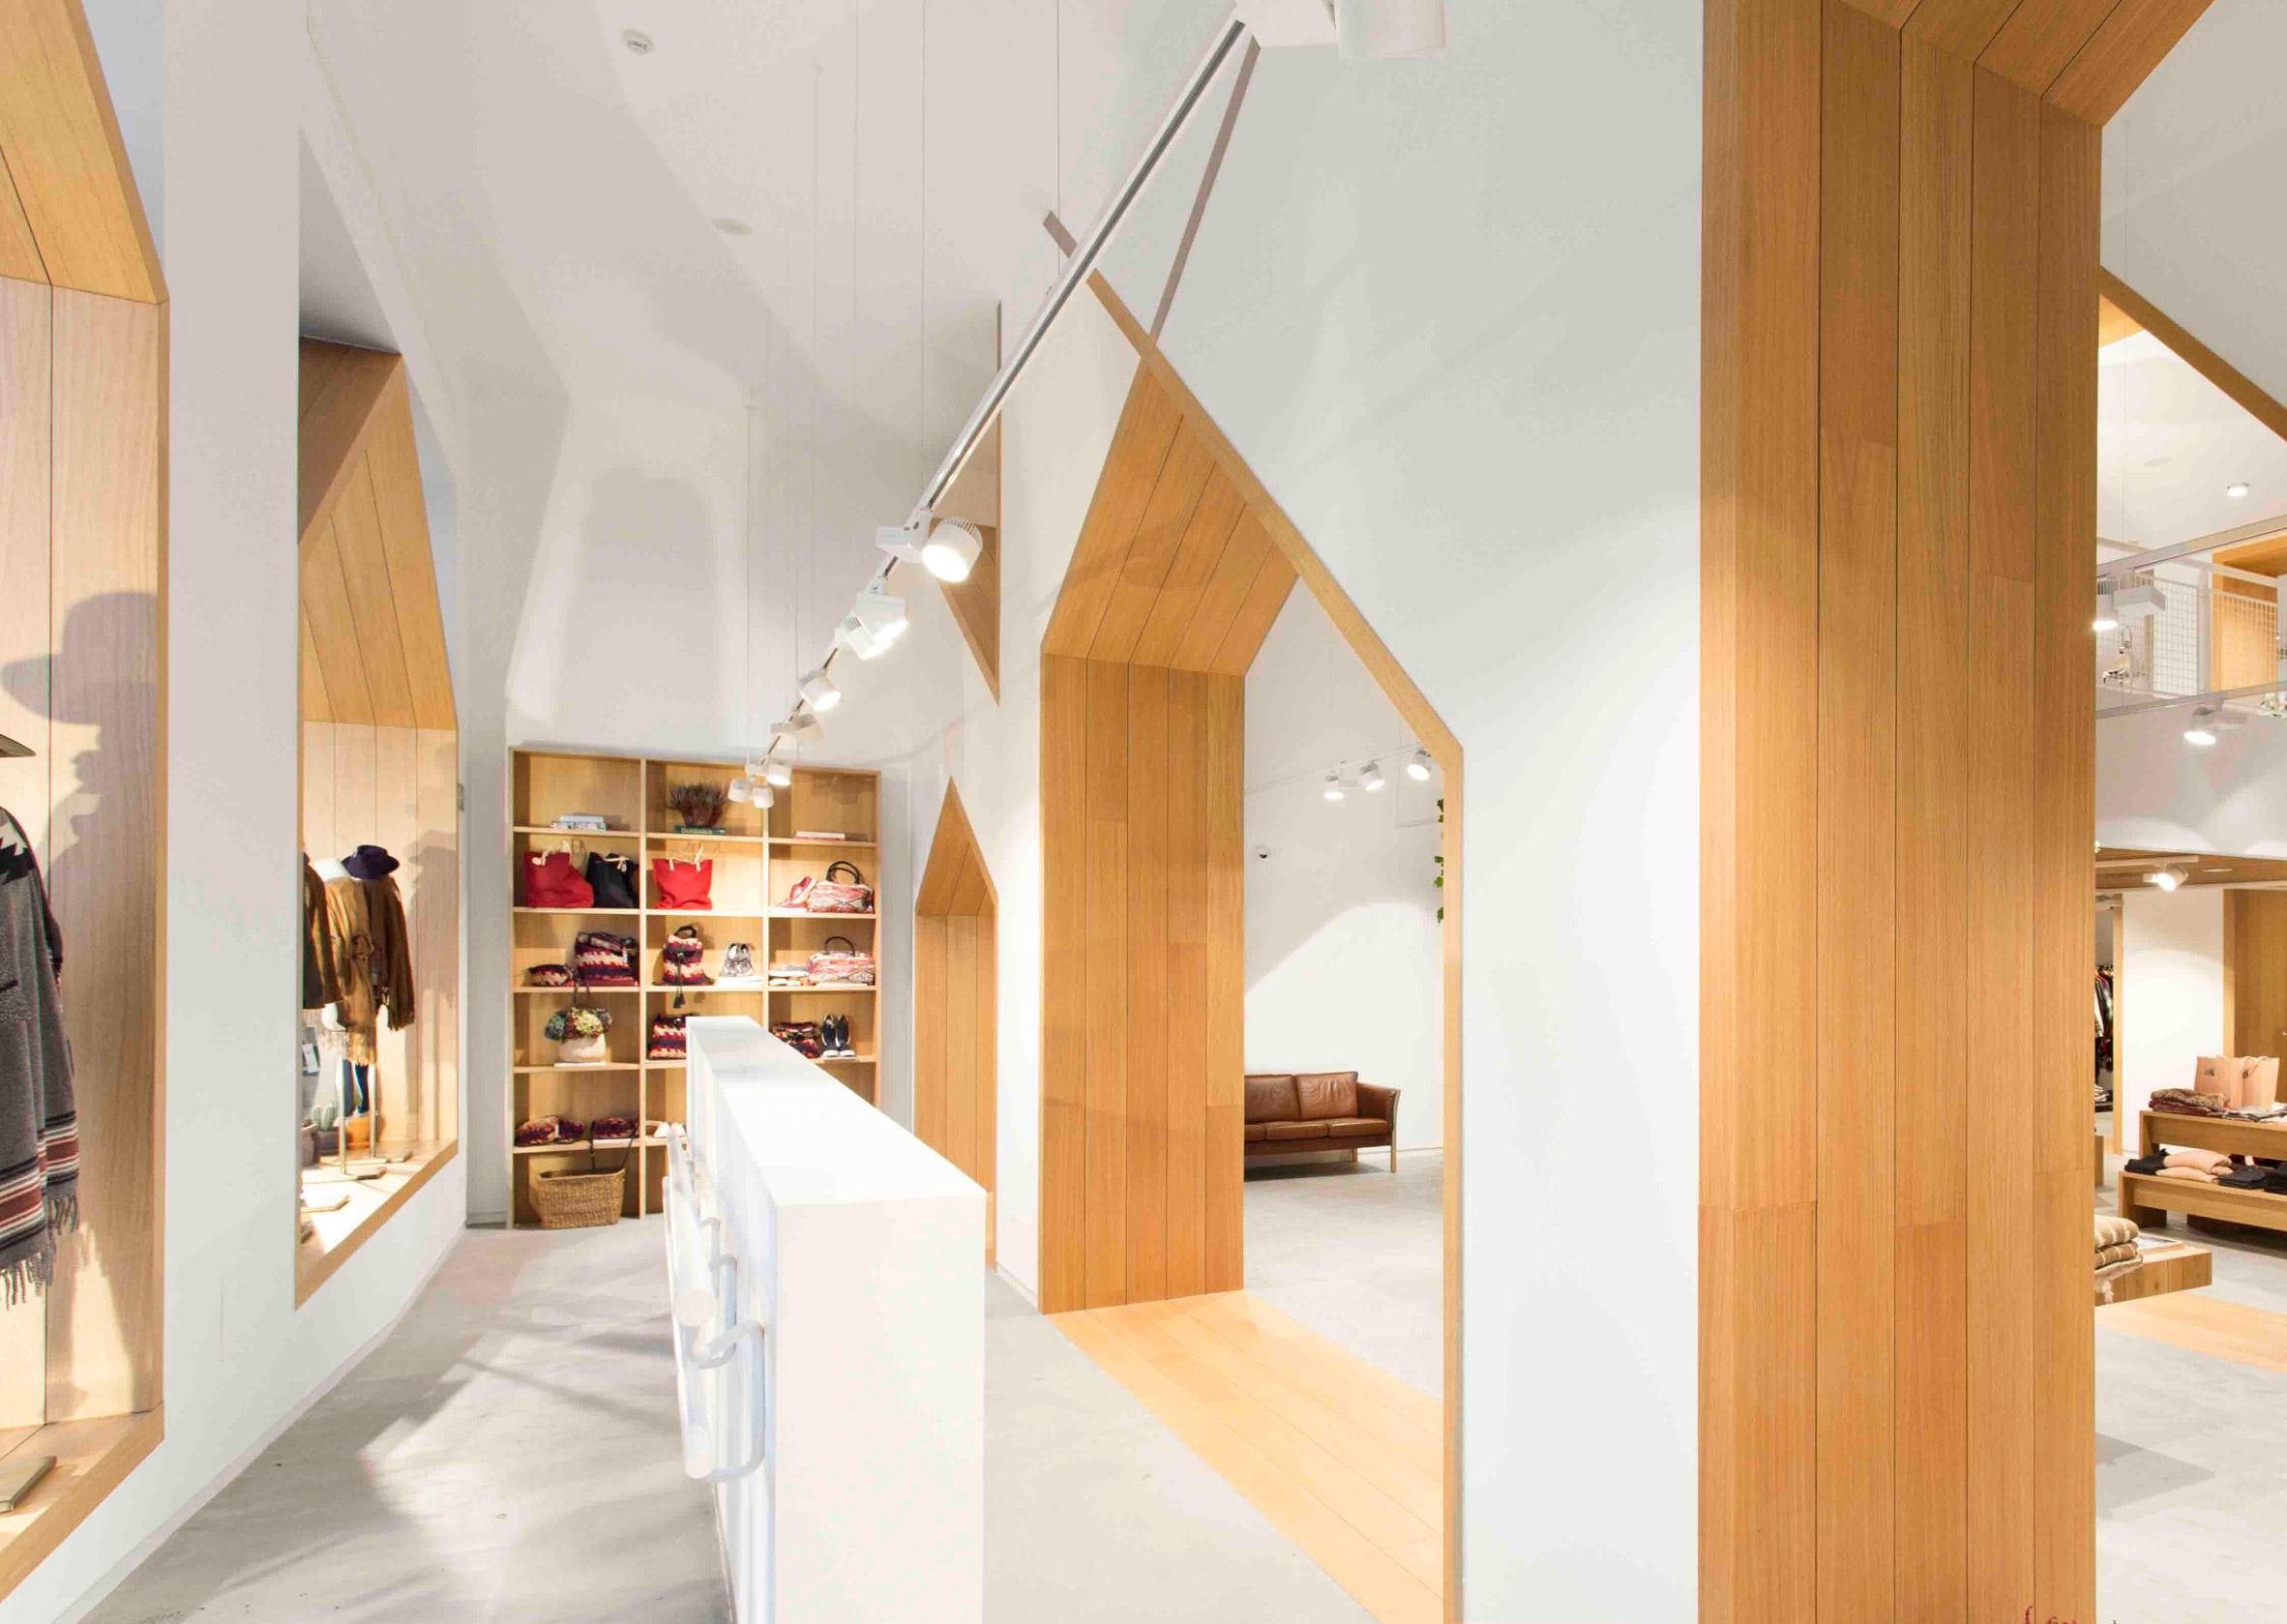 sketch-concept-store-pauzarq-arquitectos_dezeen_2364_1